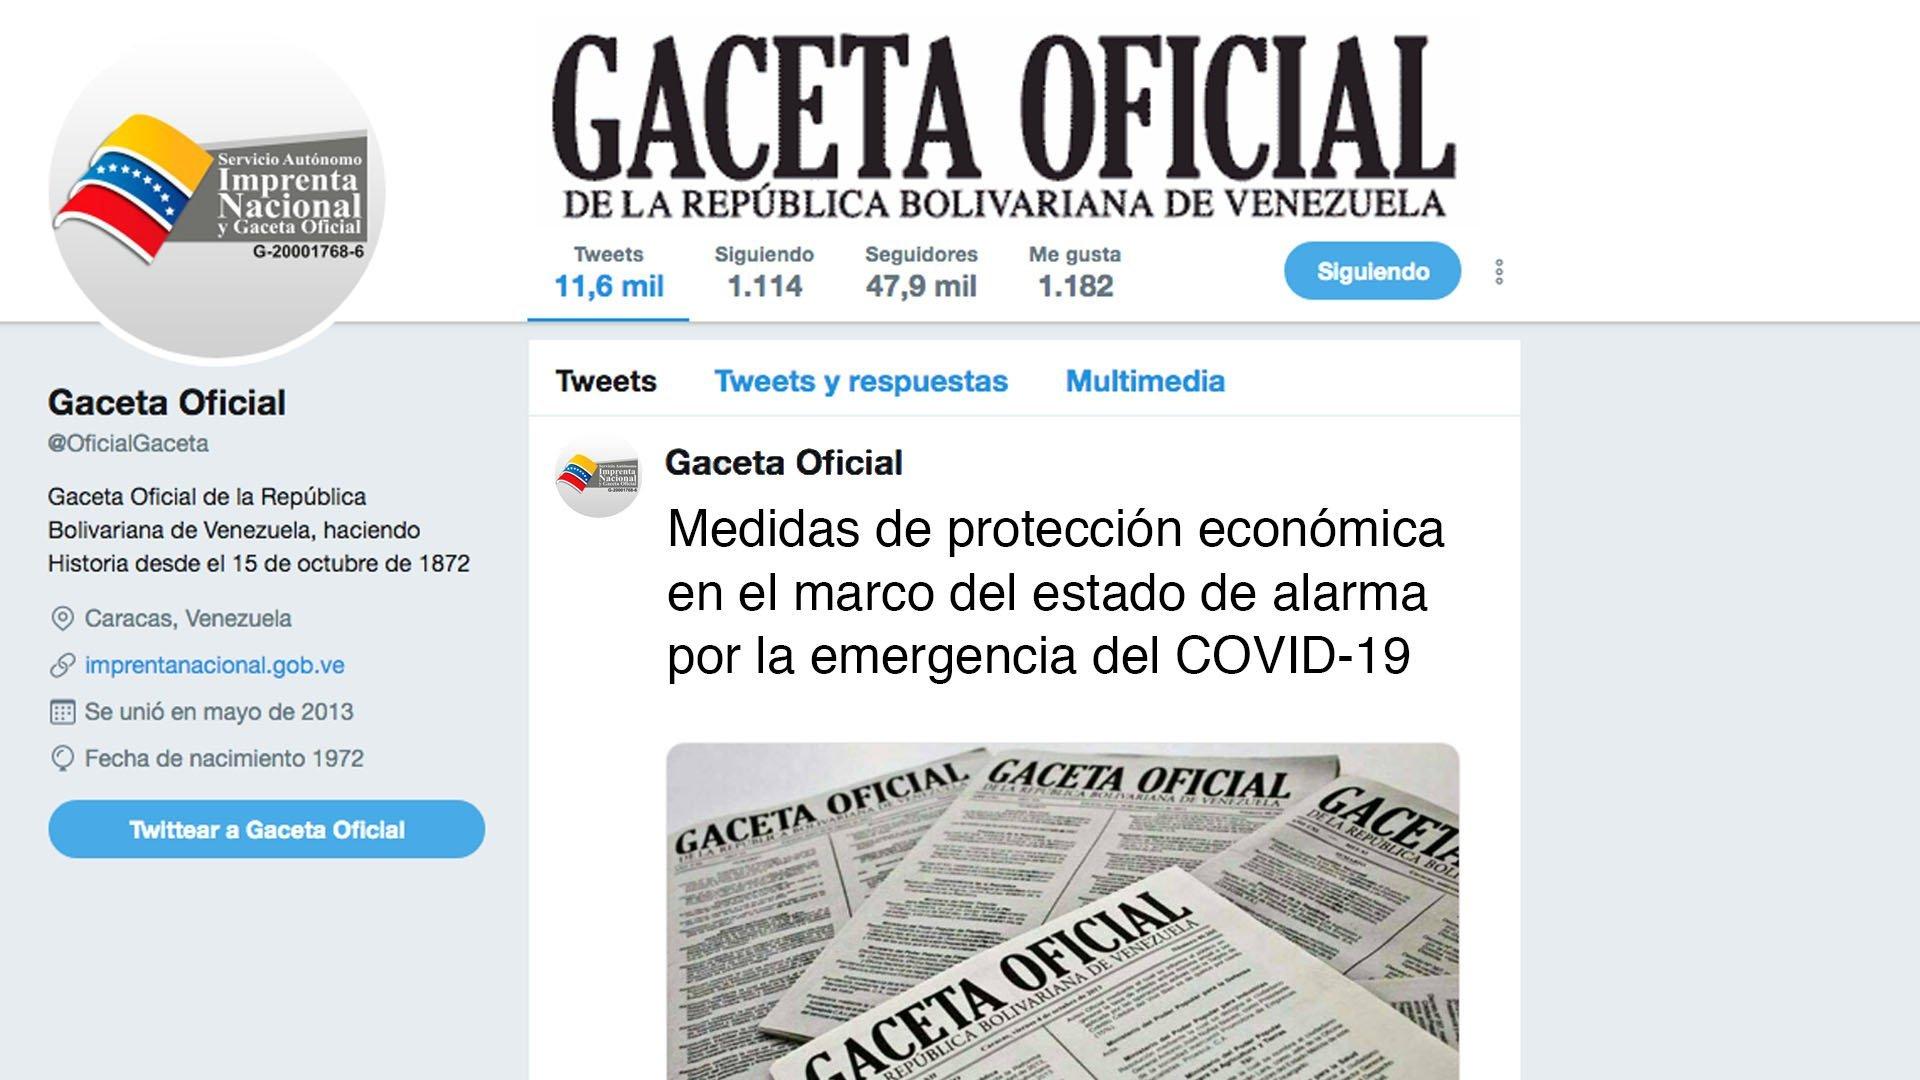 Medidas de protección económica en el marco del estado de alarma por la emergencia del COVID-19